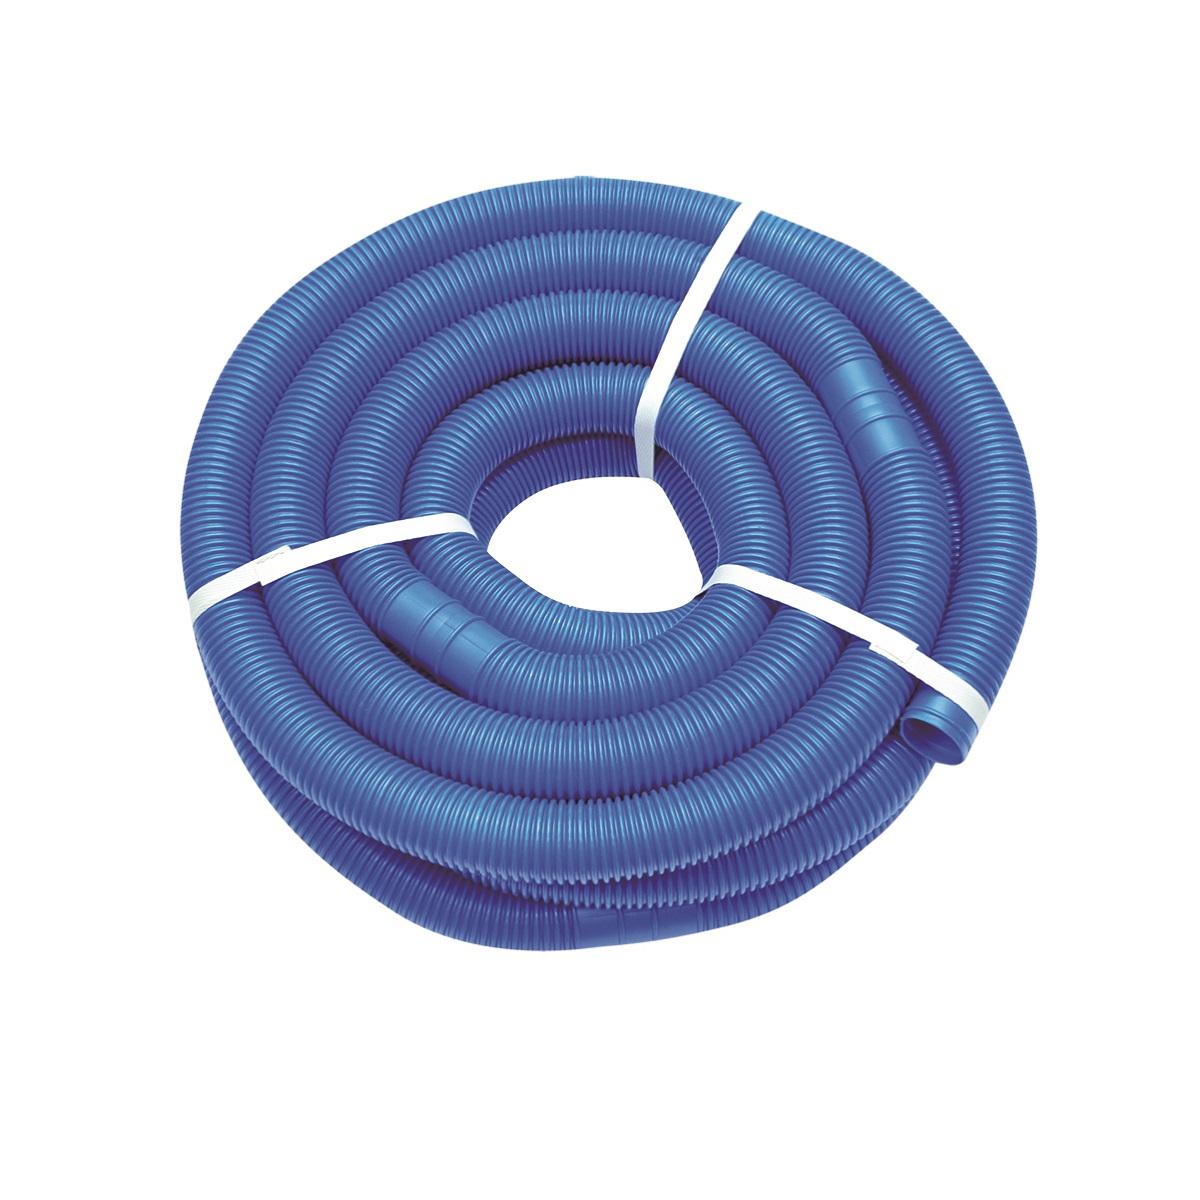 Hadice k filtrácii 5 metrov - 3,8 cm priemer